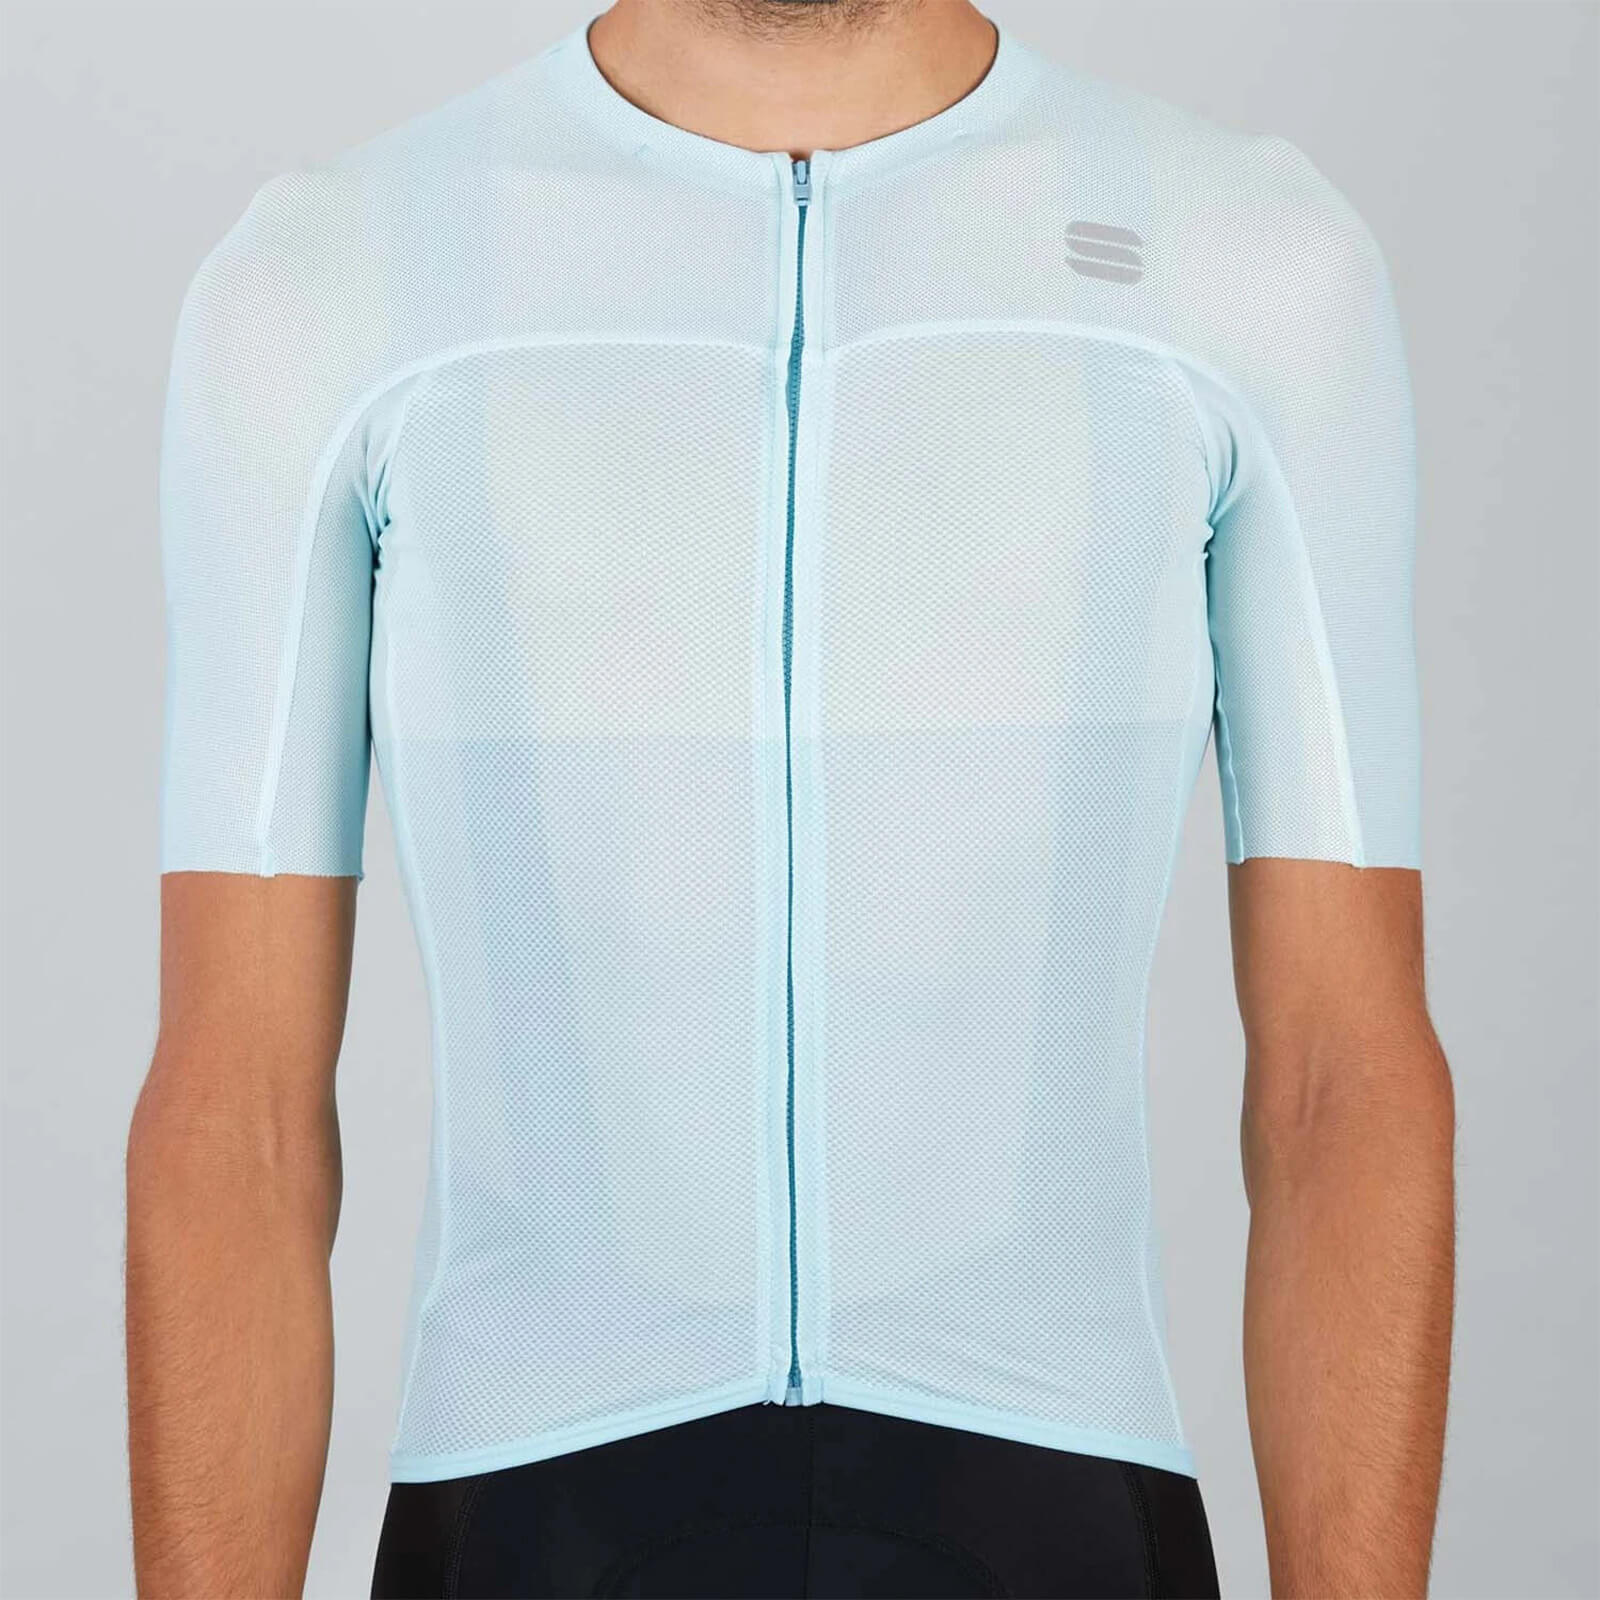 Sportful BodyFit Pro Light Jersey - M - Blue Sky/White